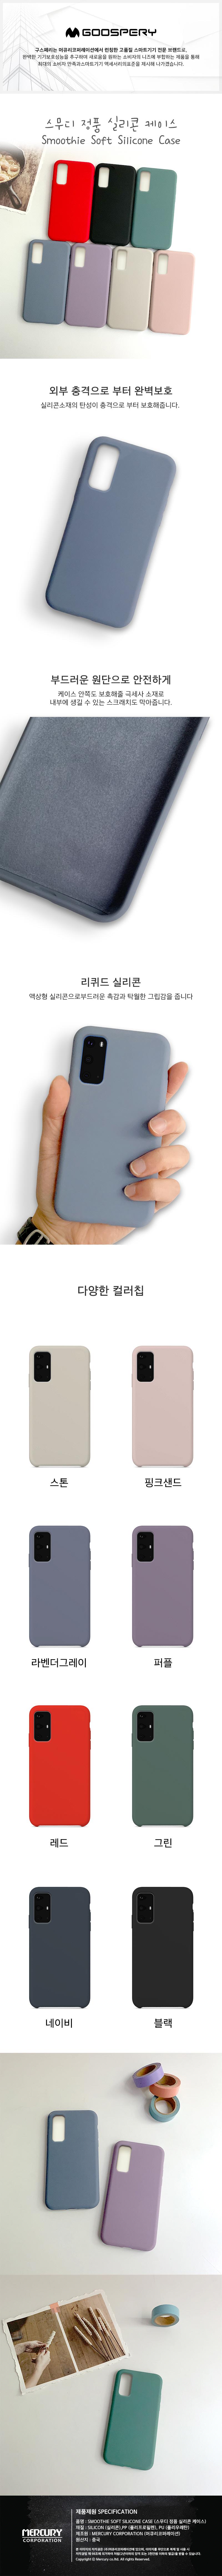 아이폰11 스무디 정품 실리콘 케이스 - 머큐리, 14,900원, 케이스, 아이폰 11